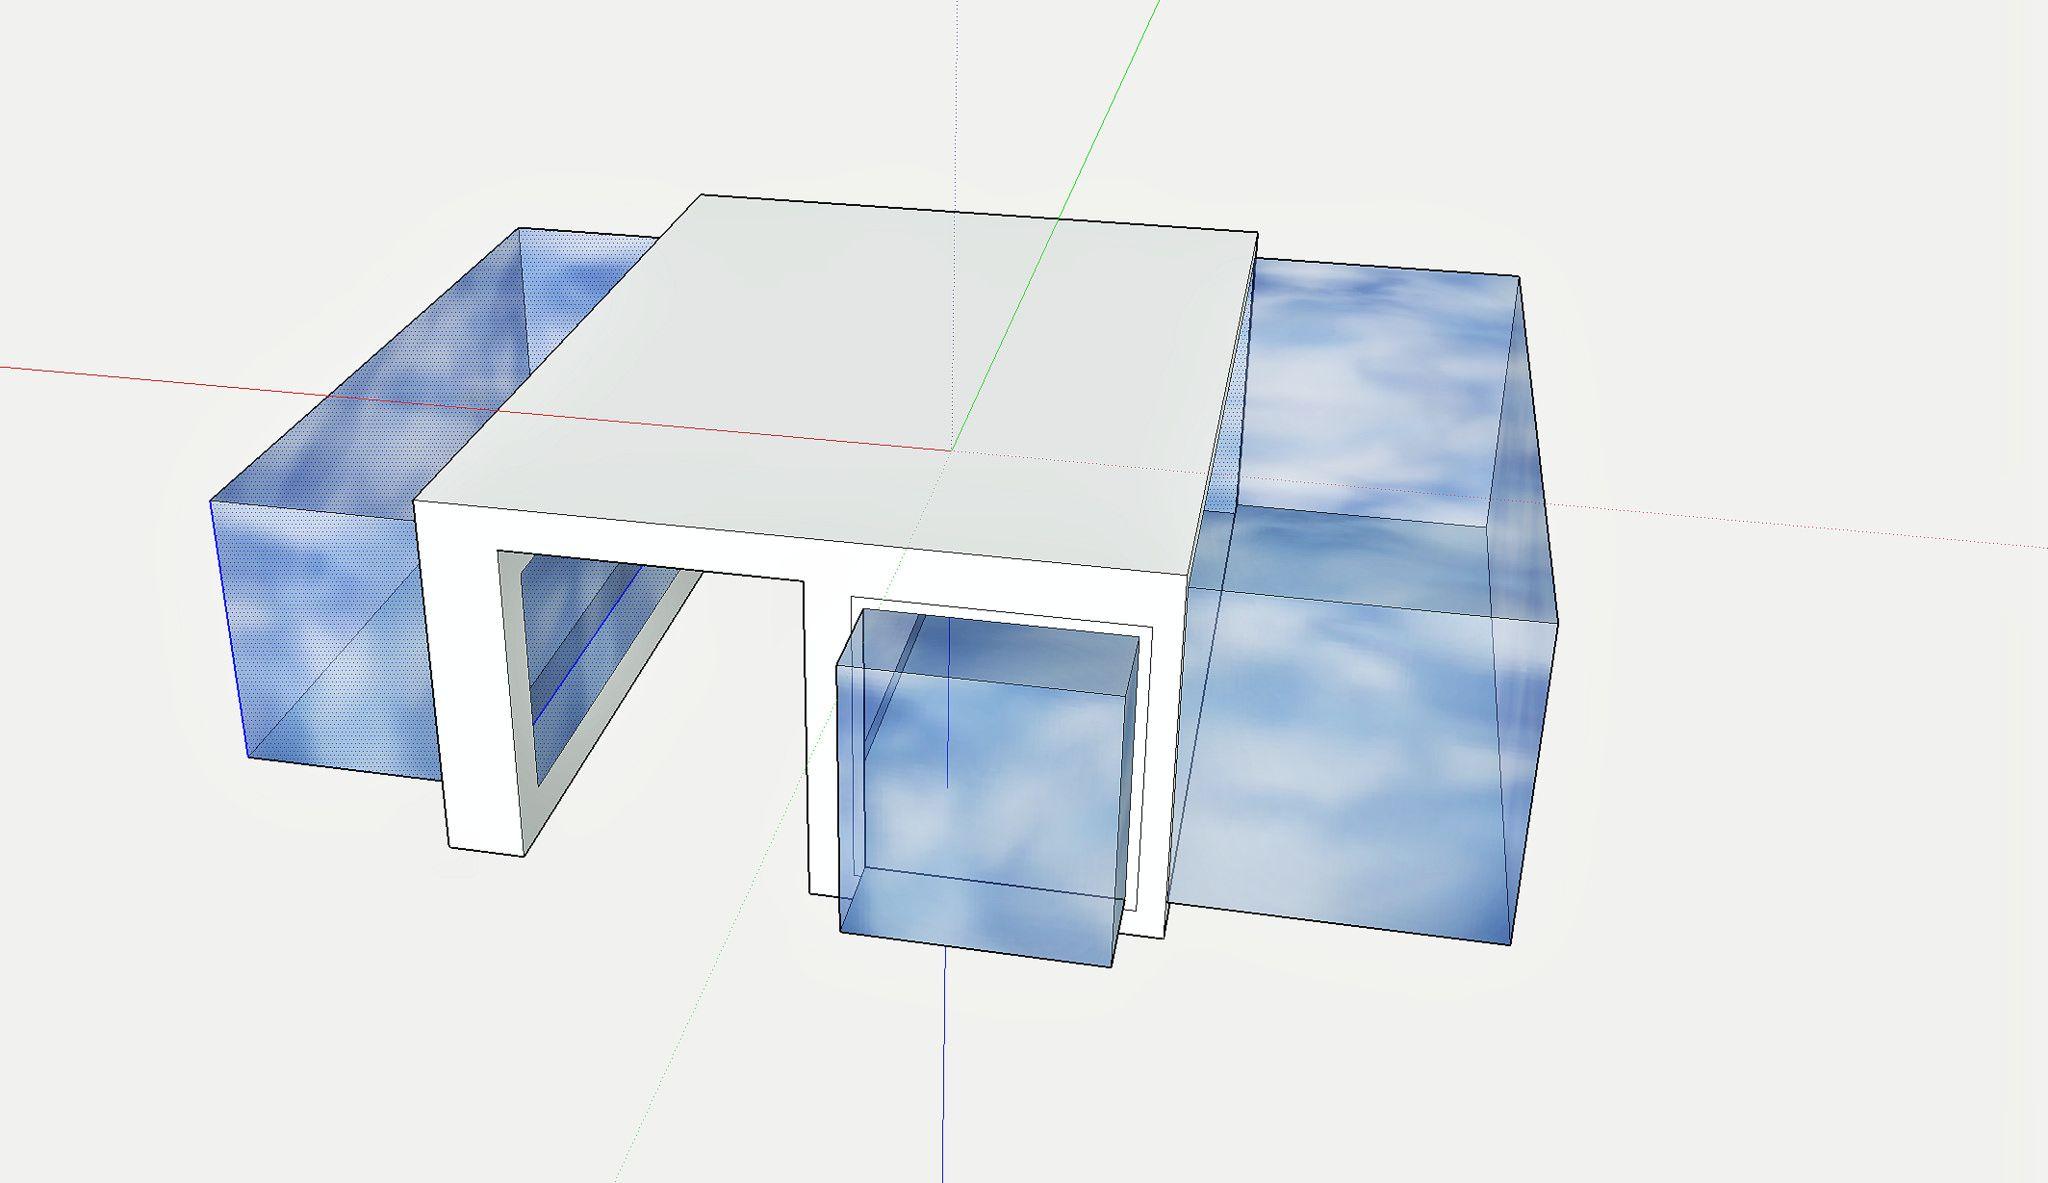 https://flic.kr/p/FYZBvm | Aquarium design | by Giulia #Bergonzoni #acquario #aquarium #architecture #natural #materials #glass #transparent #interesting #creative #buildings #projects #urban #designers #editorial